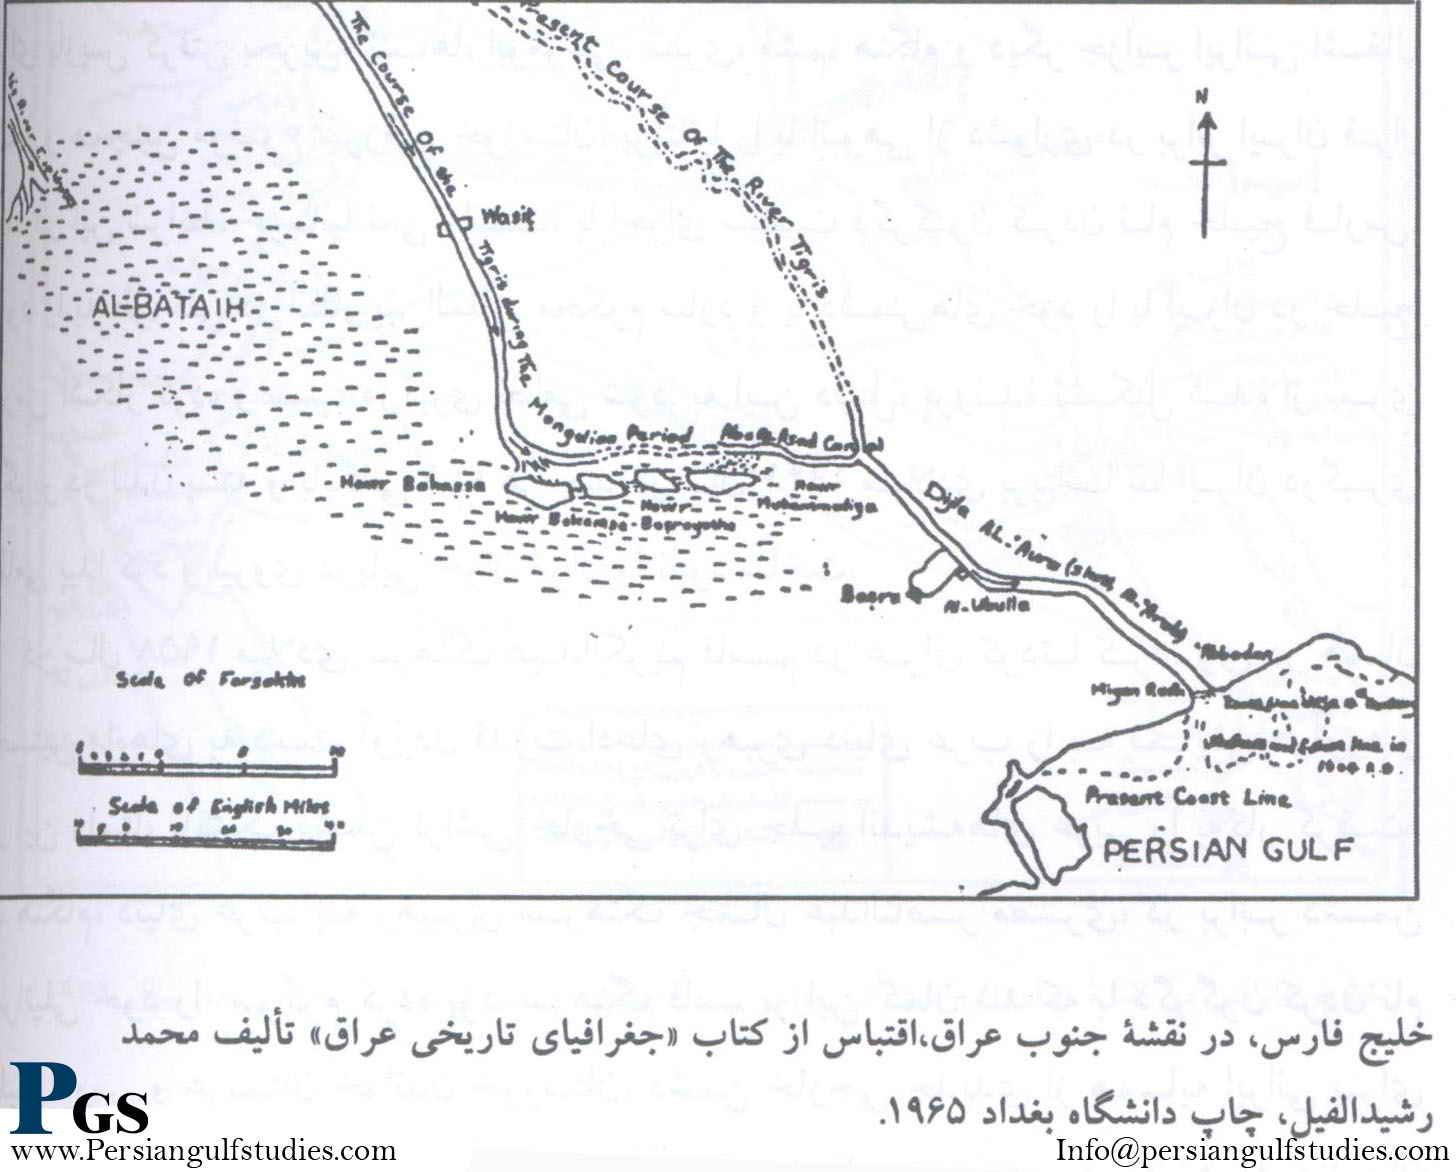 Persian Gulf Arabic Maps|Persian Gulf Arabic maps saudi